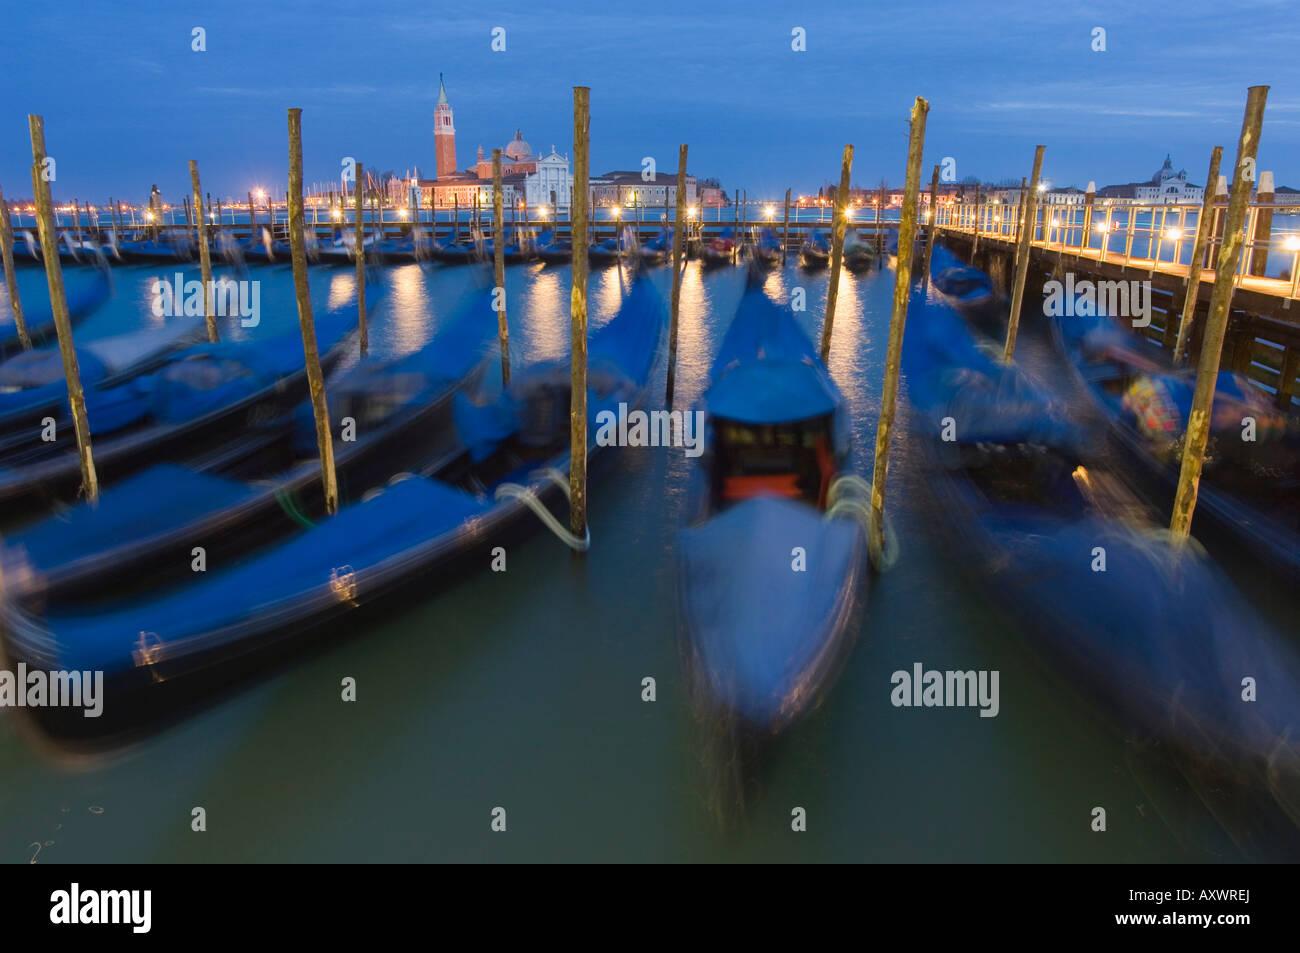 Gondolas on waterfront at night, San Giorgio Maggiore, Venice, UNESCO World Heritage Site, Veneto, Italy, Europe Stock Photo